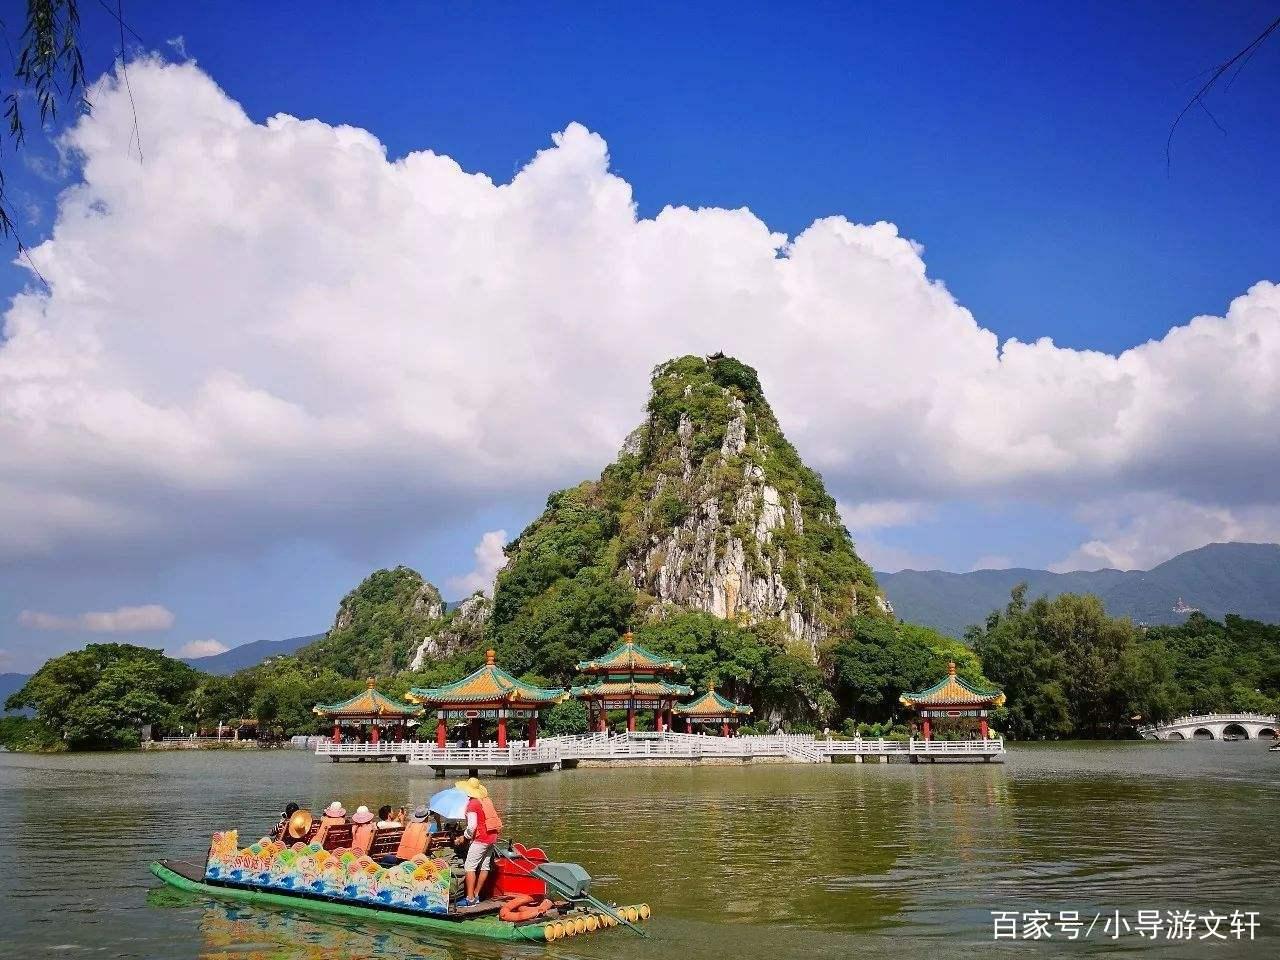 旅游攻略:广东肇庆有哪些好玩的地方?肇庆必去的旅游景点推荐!